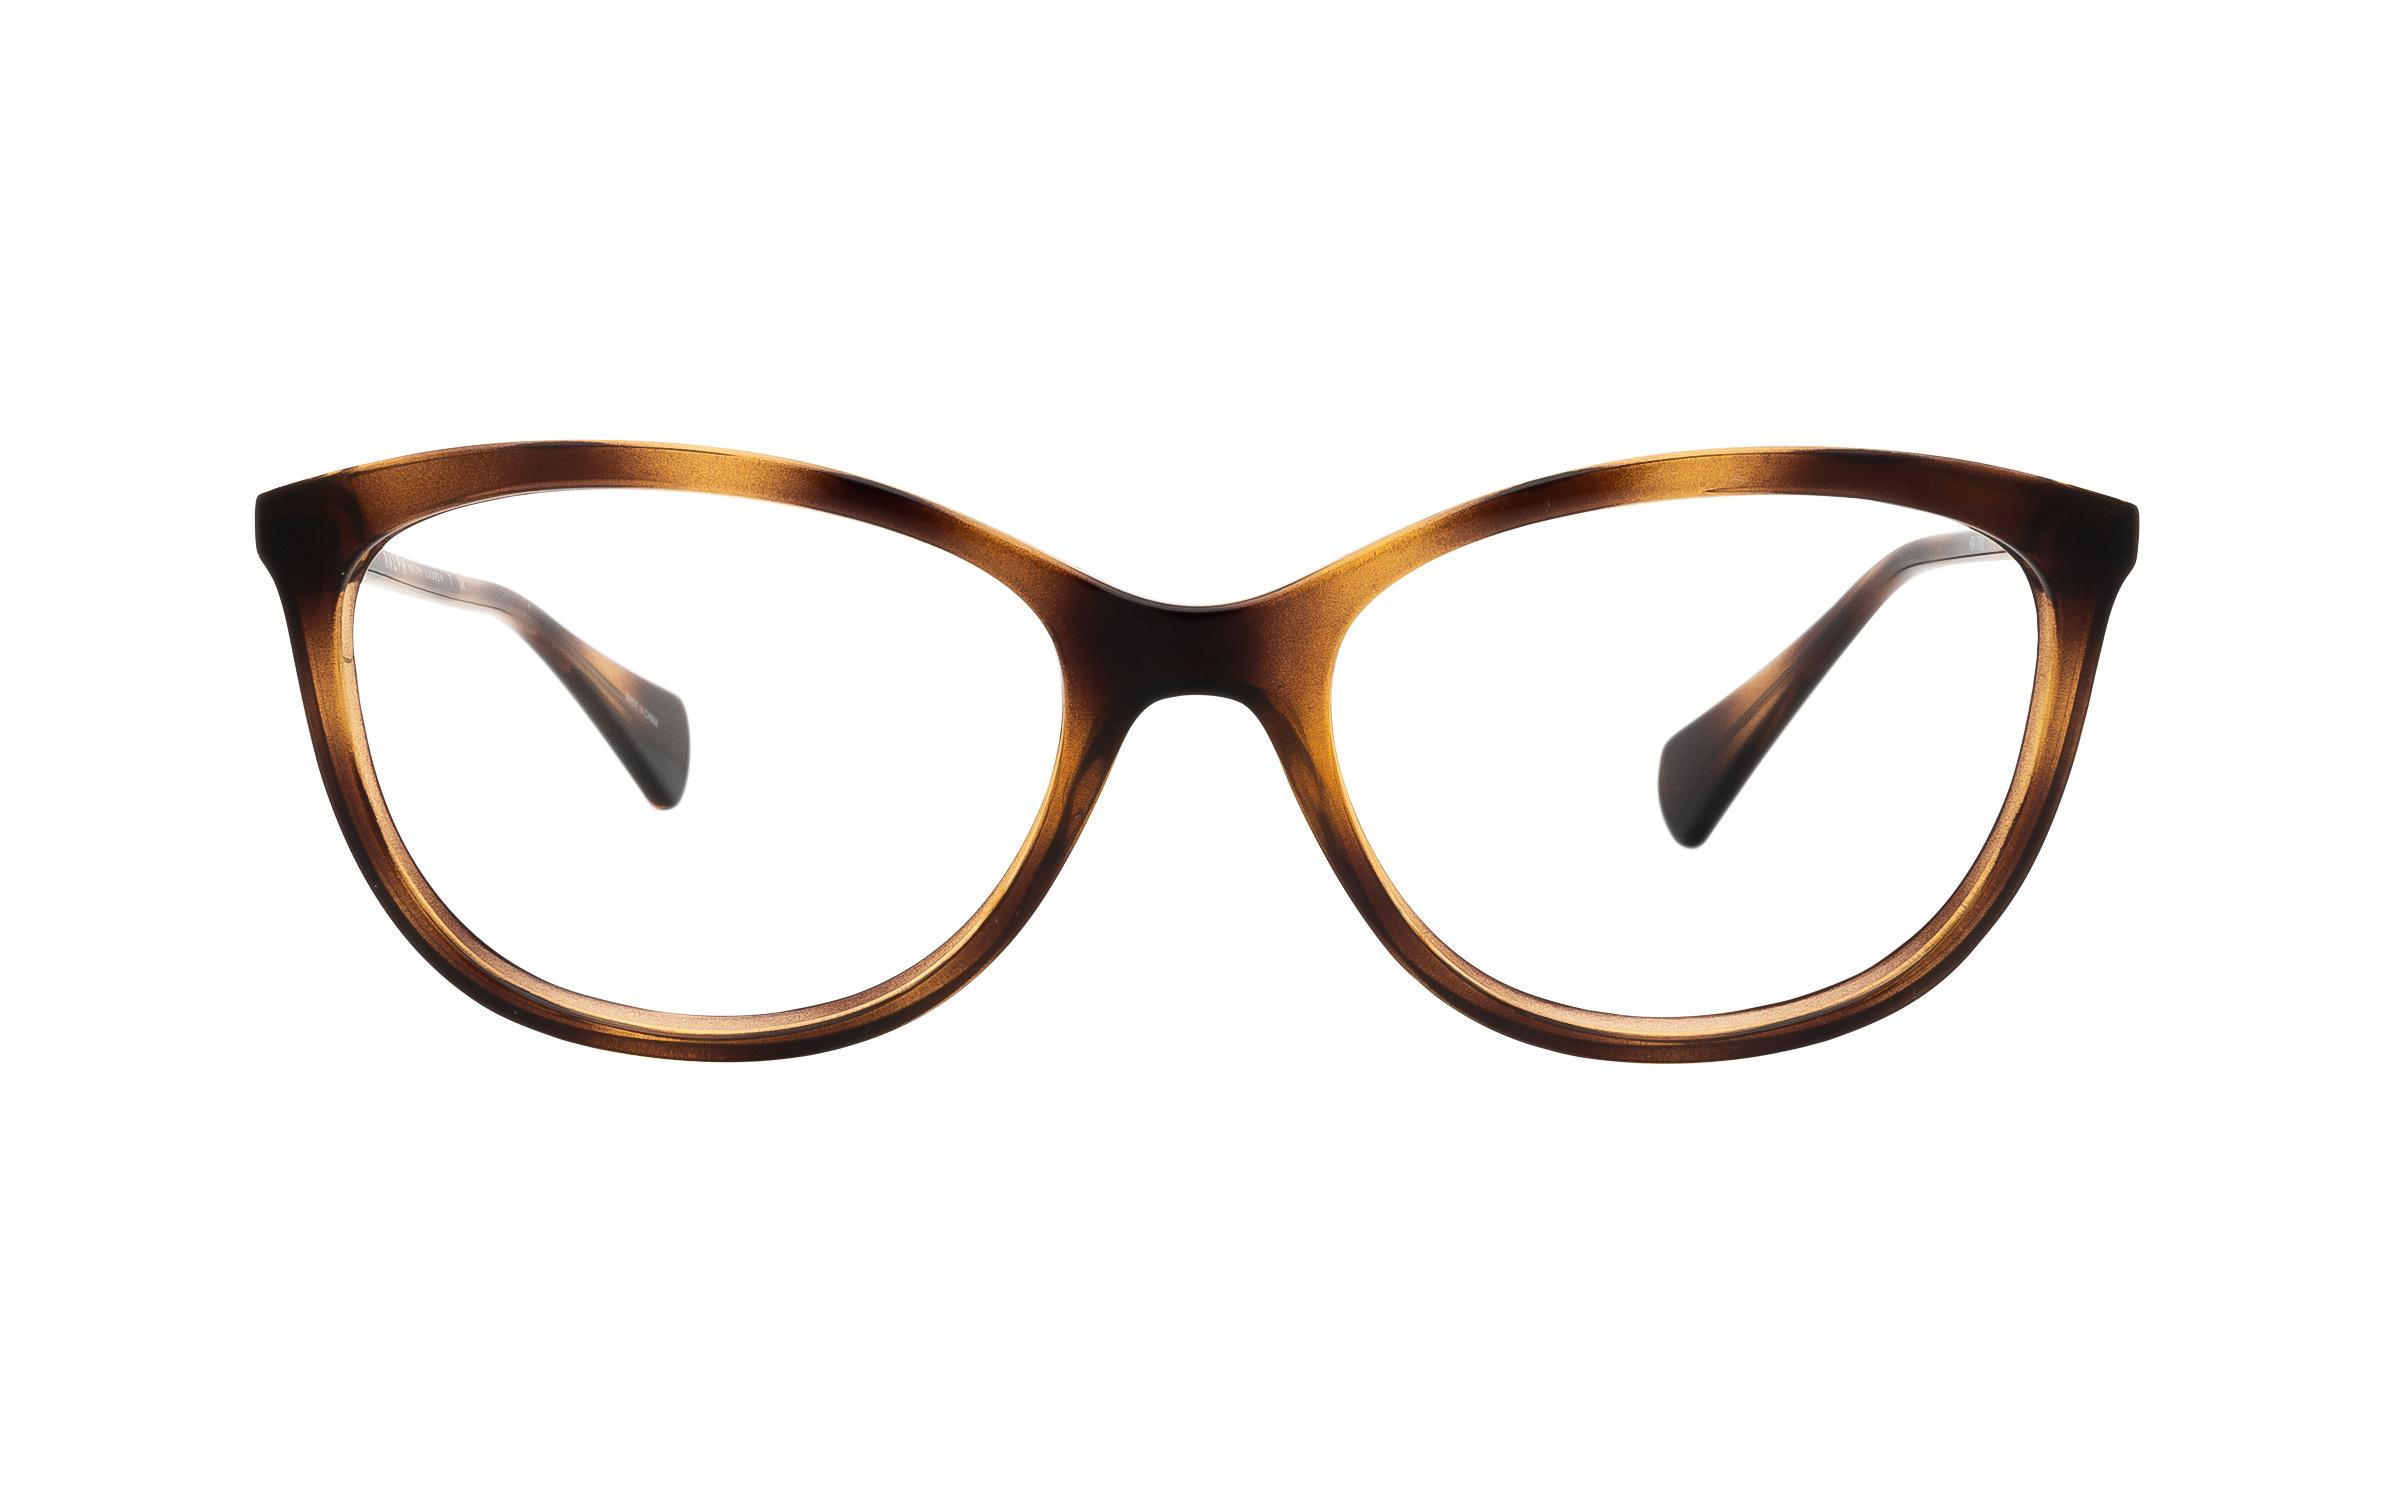 coastal.com - Ralph by Ralph Lauren RA7086 1378 (52) Eyeglasses and Frame in Dark Havana Tortoise/Brown | Acetate/Metal – Online Coastal 91.00 USD